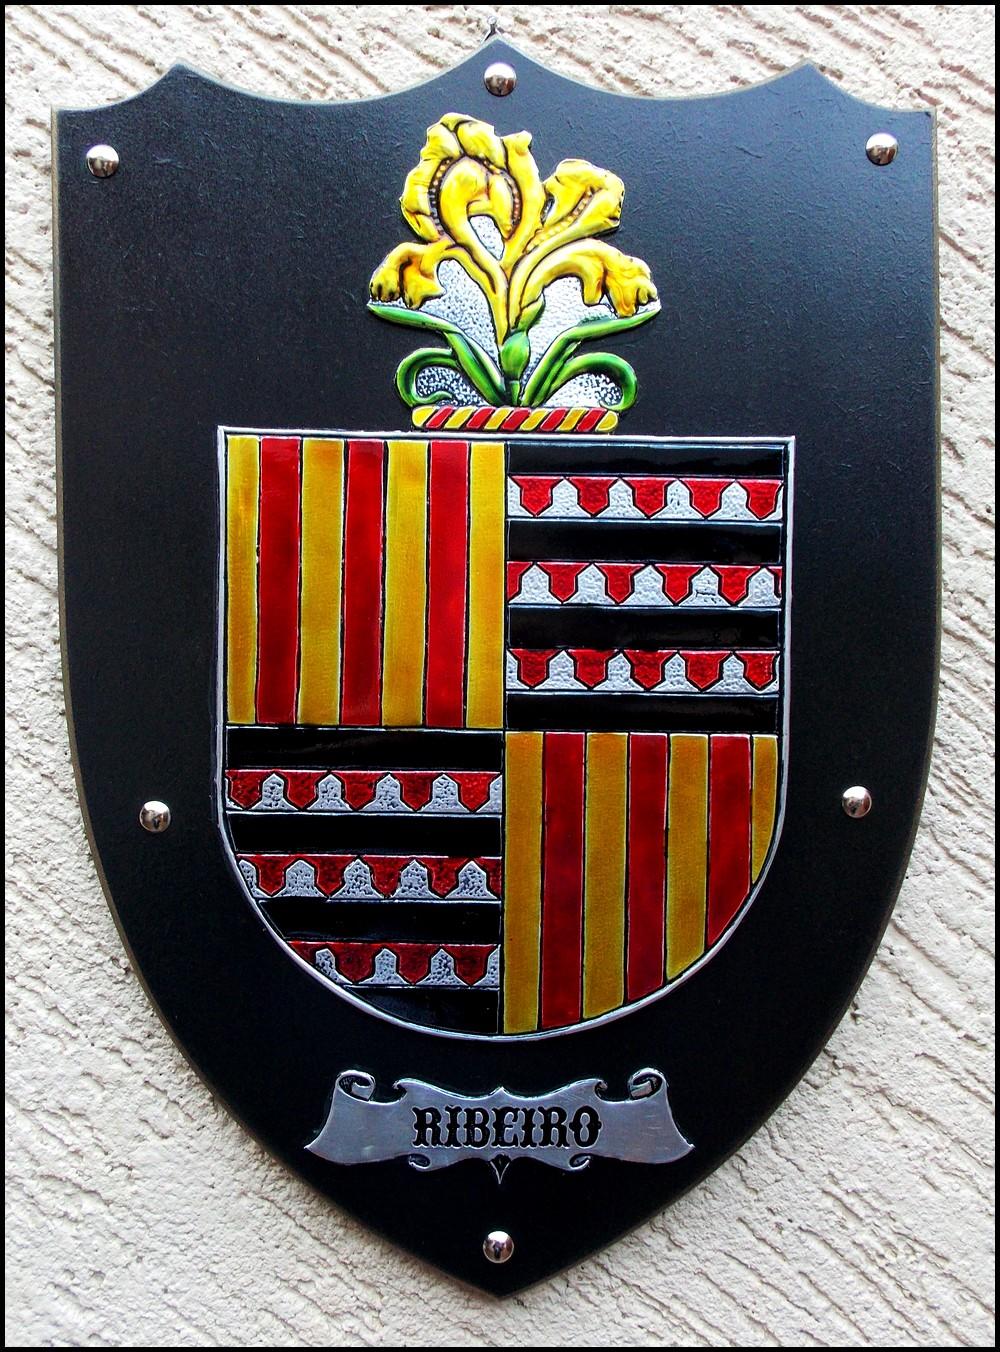 Trabalho artístico feito em repujado sobre alumínio com pintura com verniz  vitral reproduzindo o Brasão da Família Ribeiro de origem portuguesa. 4f6c83c79ecf7